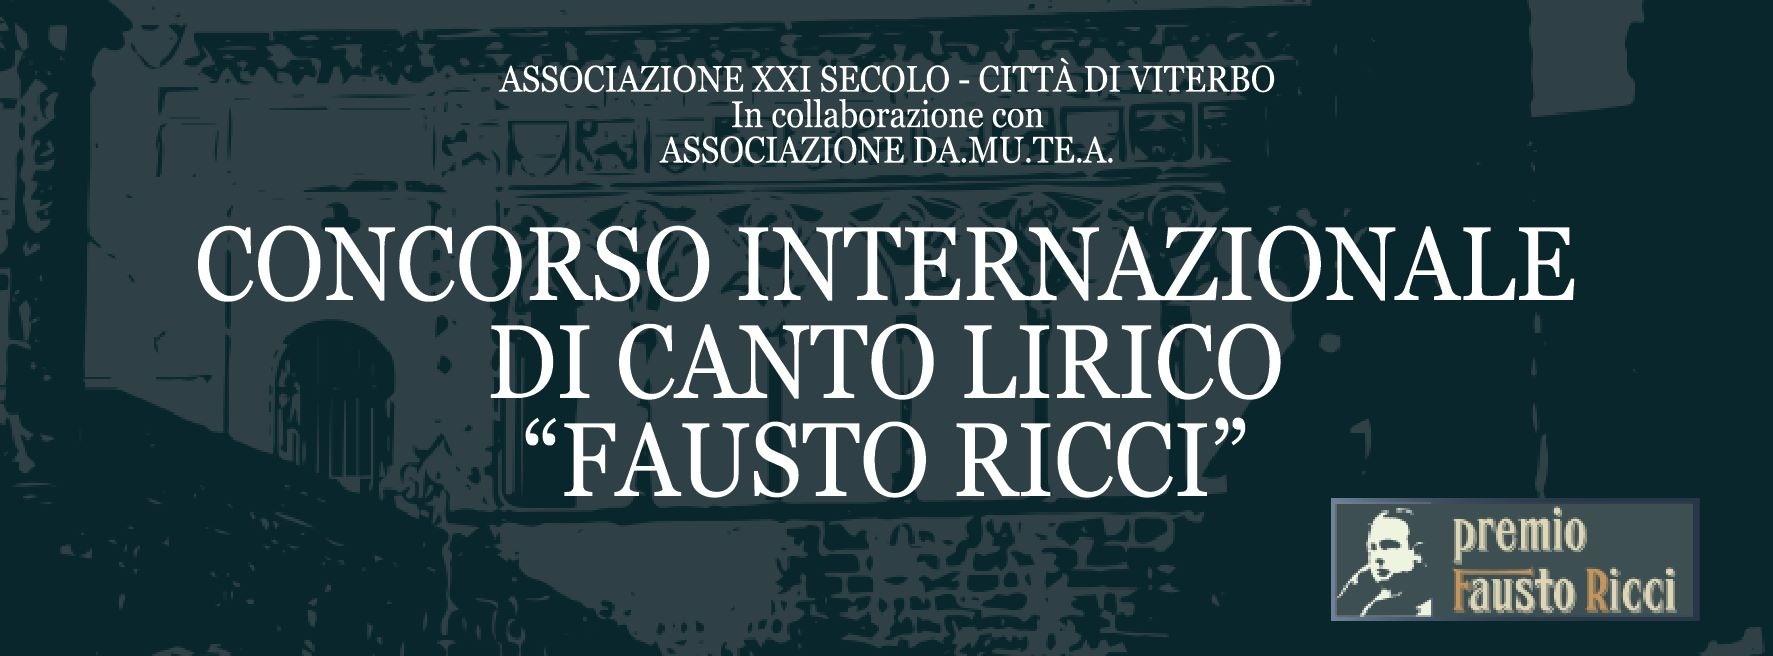 Concorso Internazionale di Canto Lirico Fausto Ricci